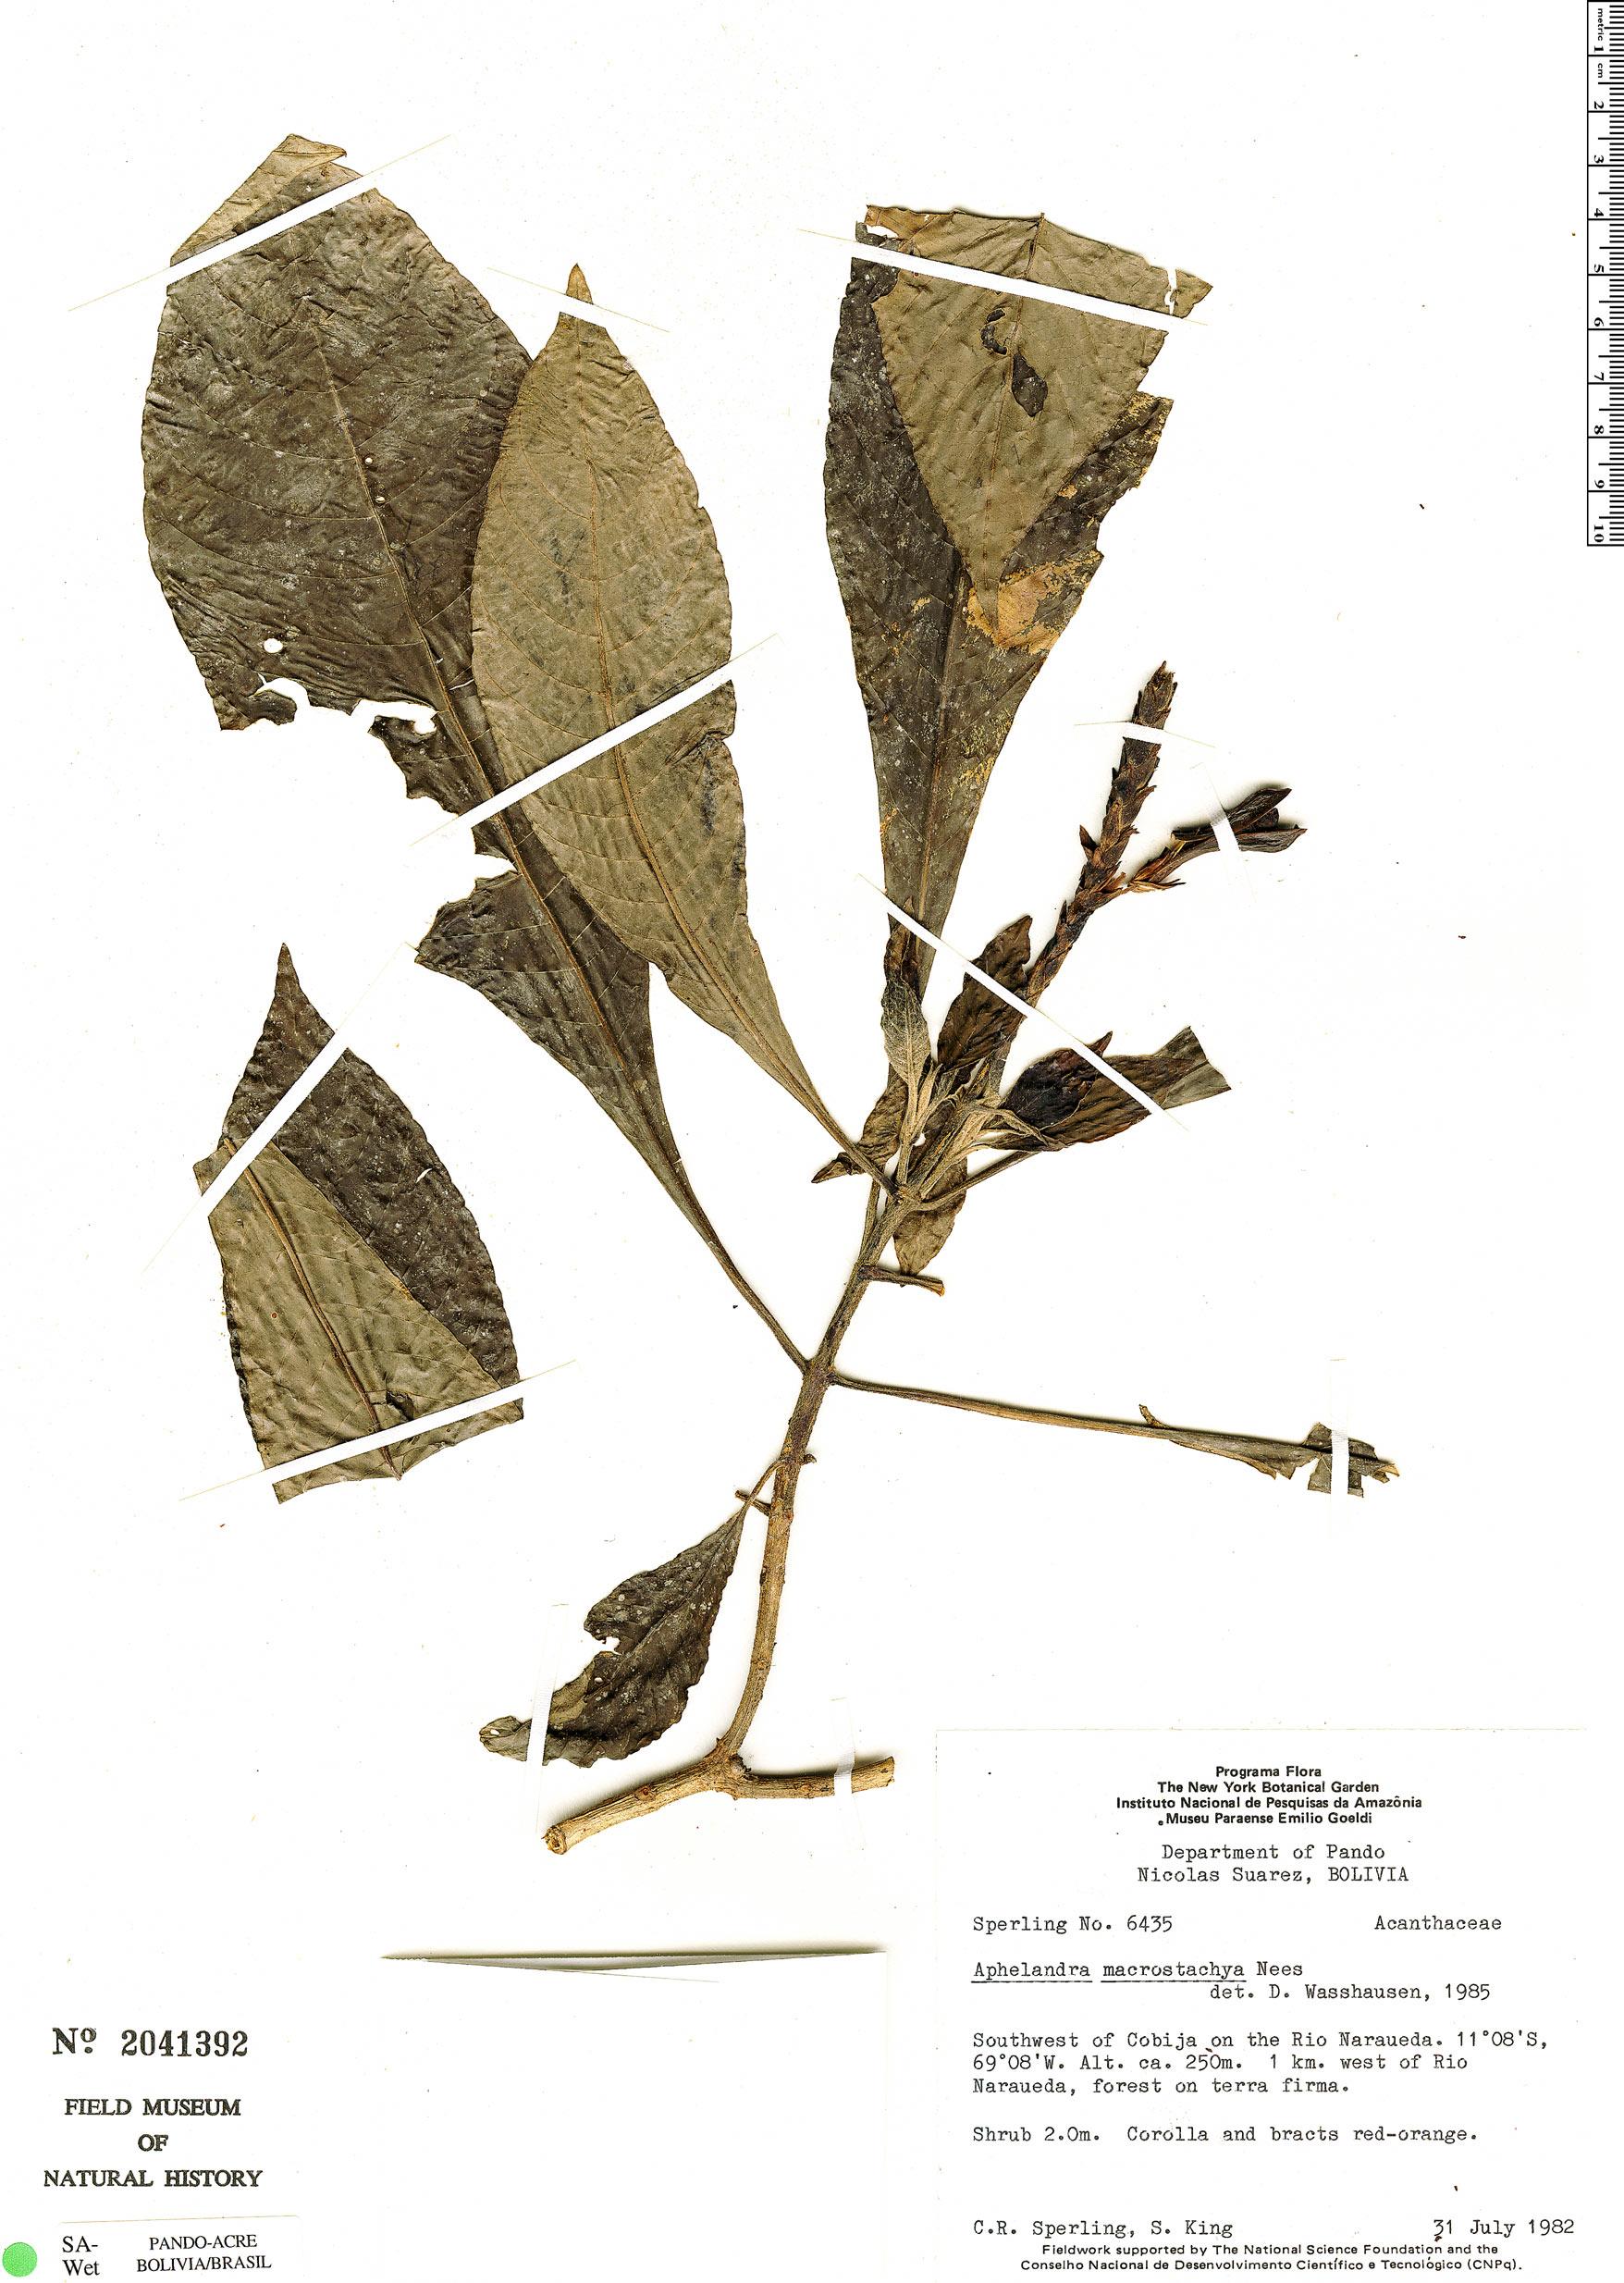 Specimen: Aphelandra macrostachya